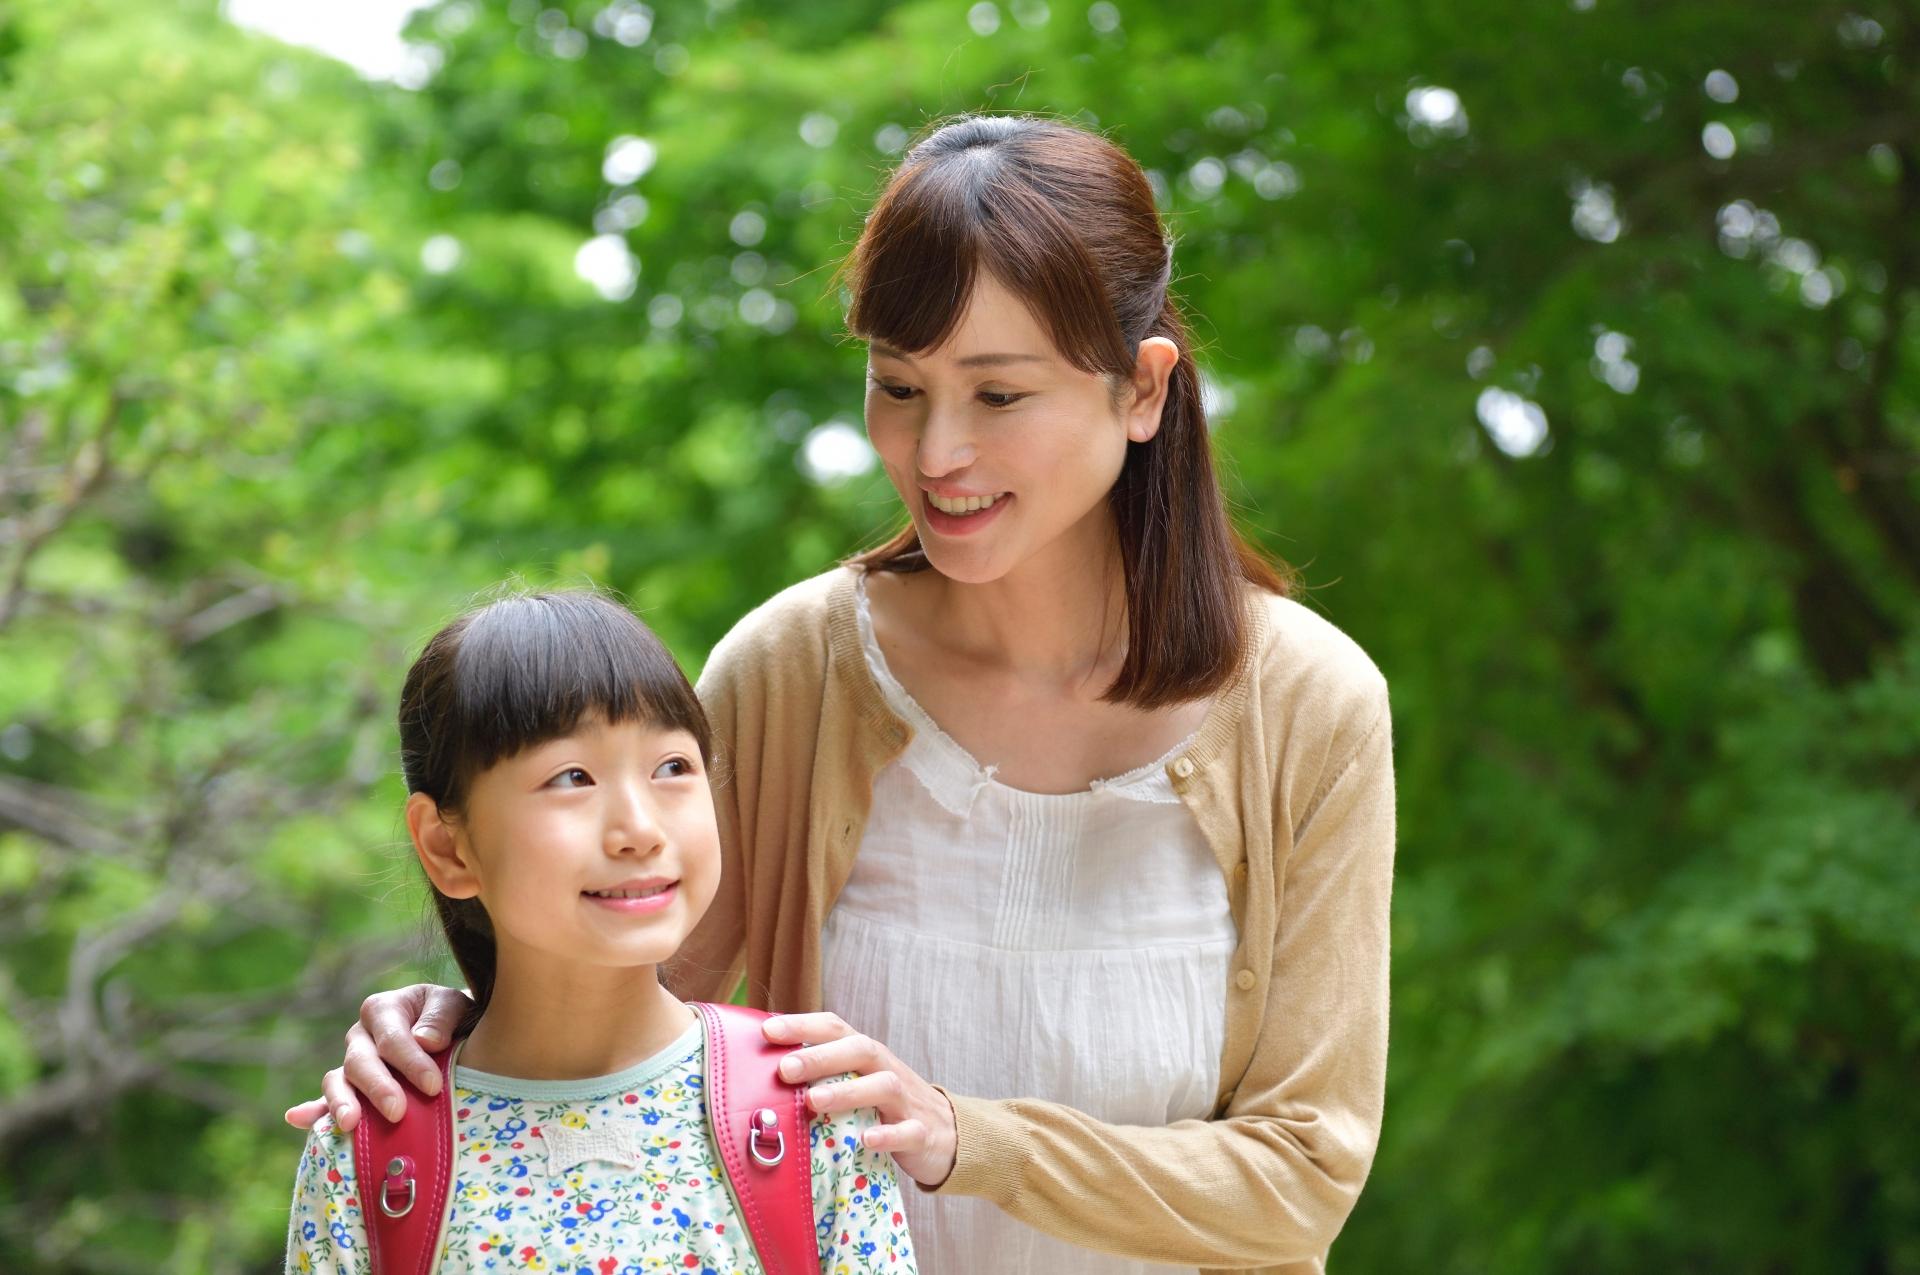 親がどのようにサポートしてあげれば良いのか?